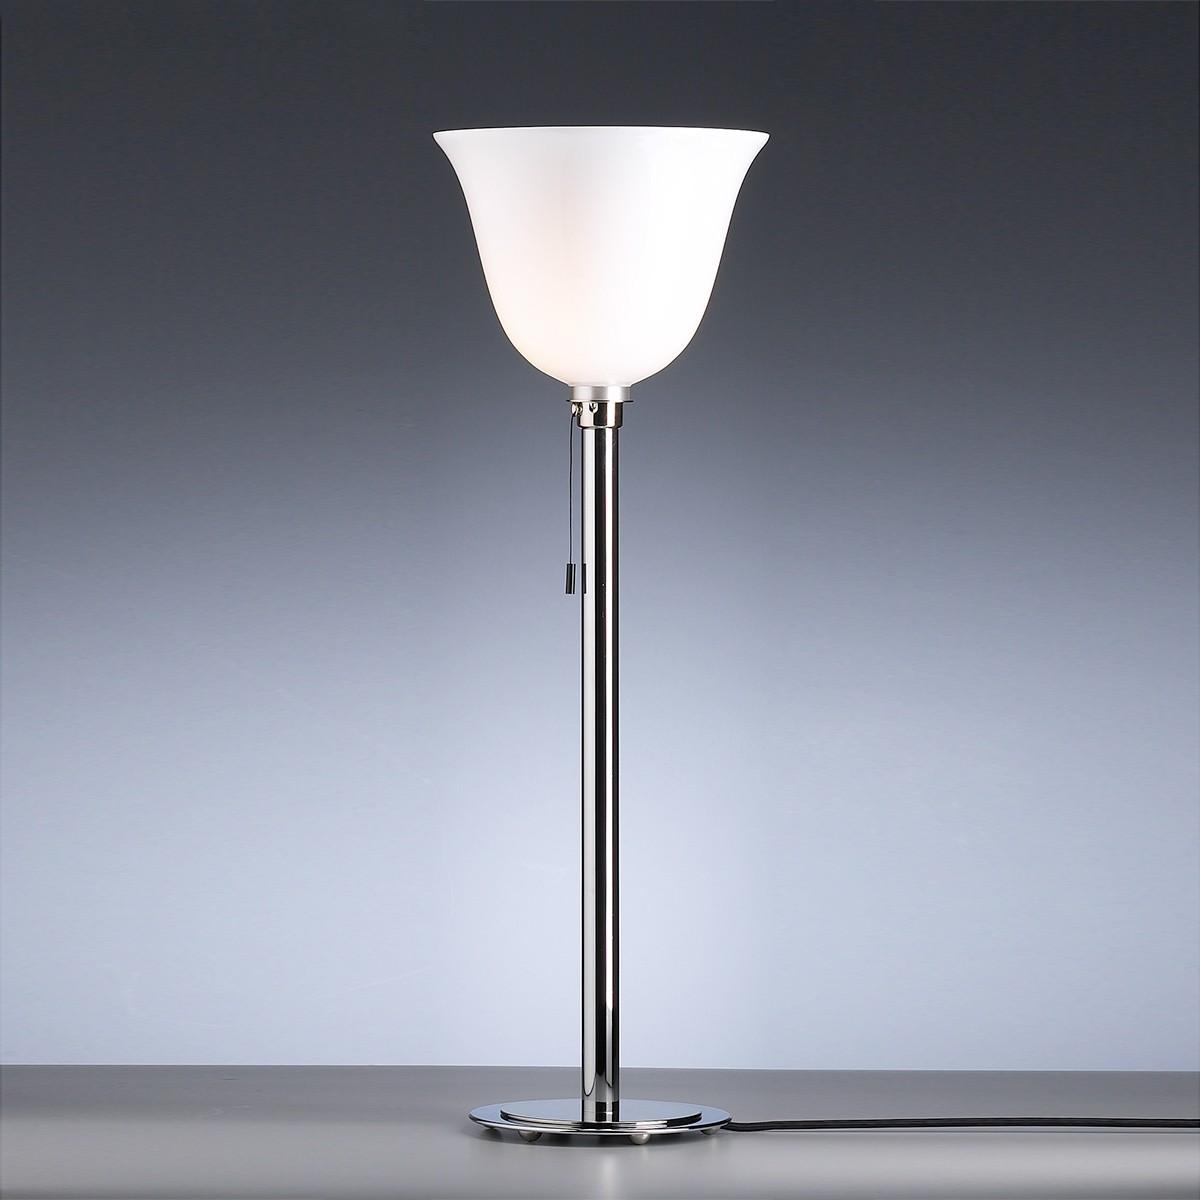 Tecnolumen Art Déco AD 30 Stehleuchte, Gestell: Chrom glänzend / Nickel, Glas: opalüberfangen